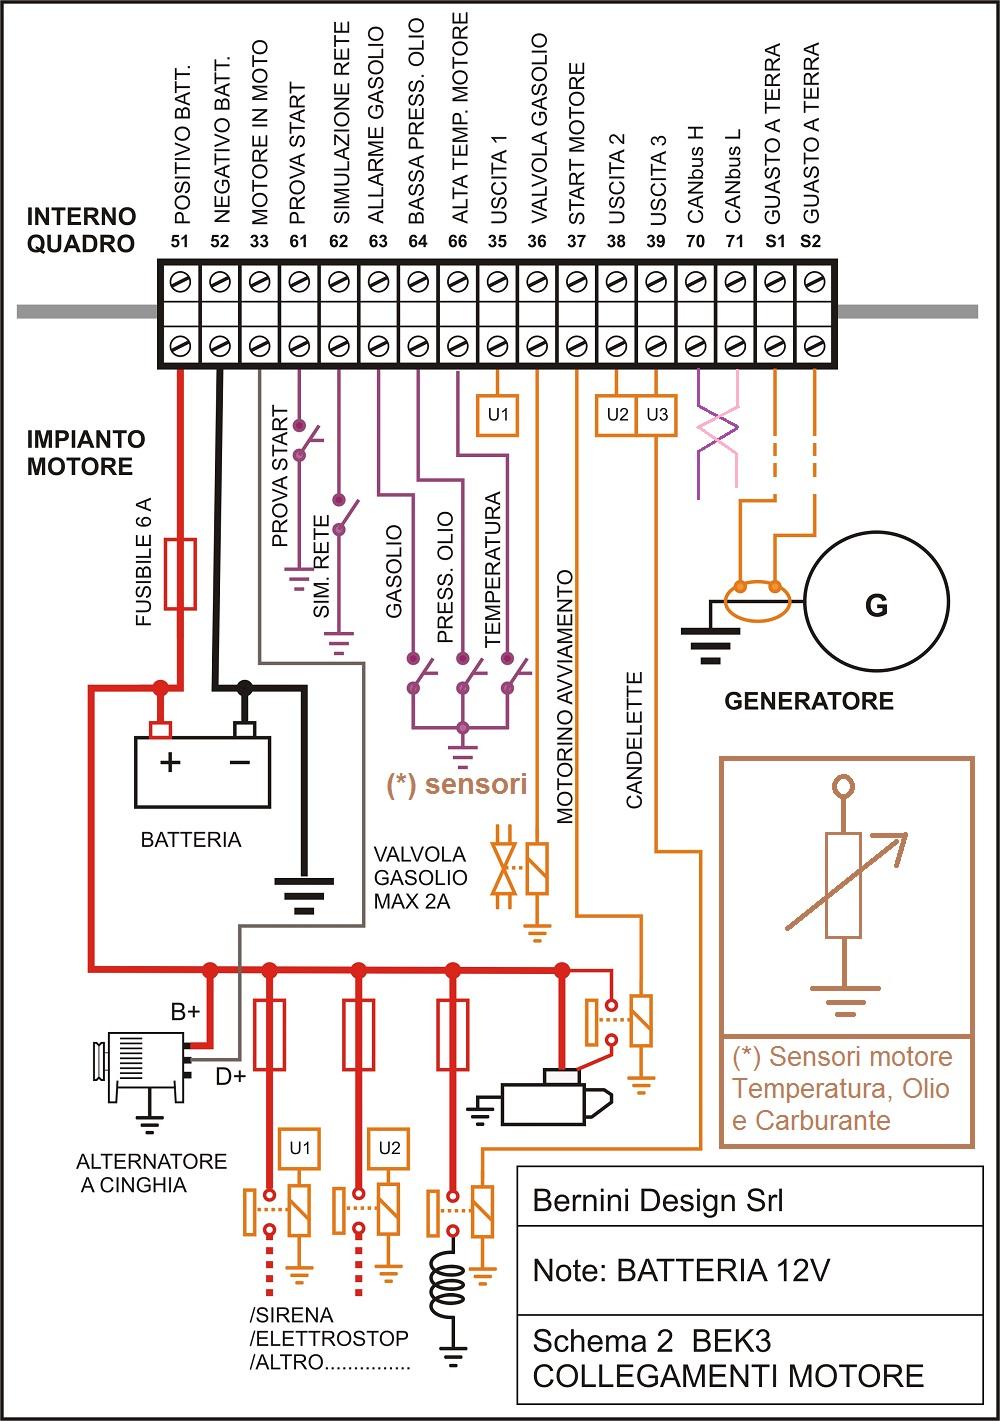 Collegamenti del Motore al Quadro Automatico Gruppo Elettrogeno 80 kVA